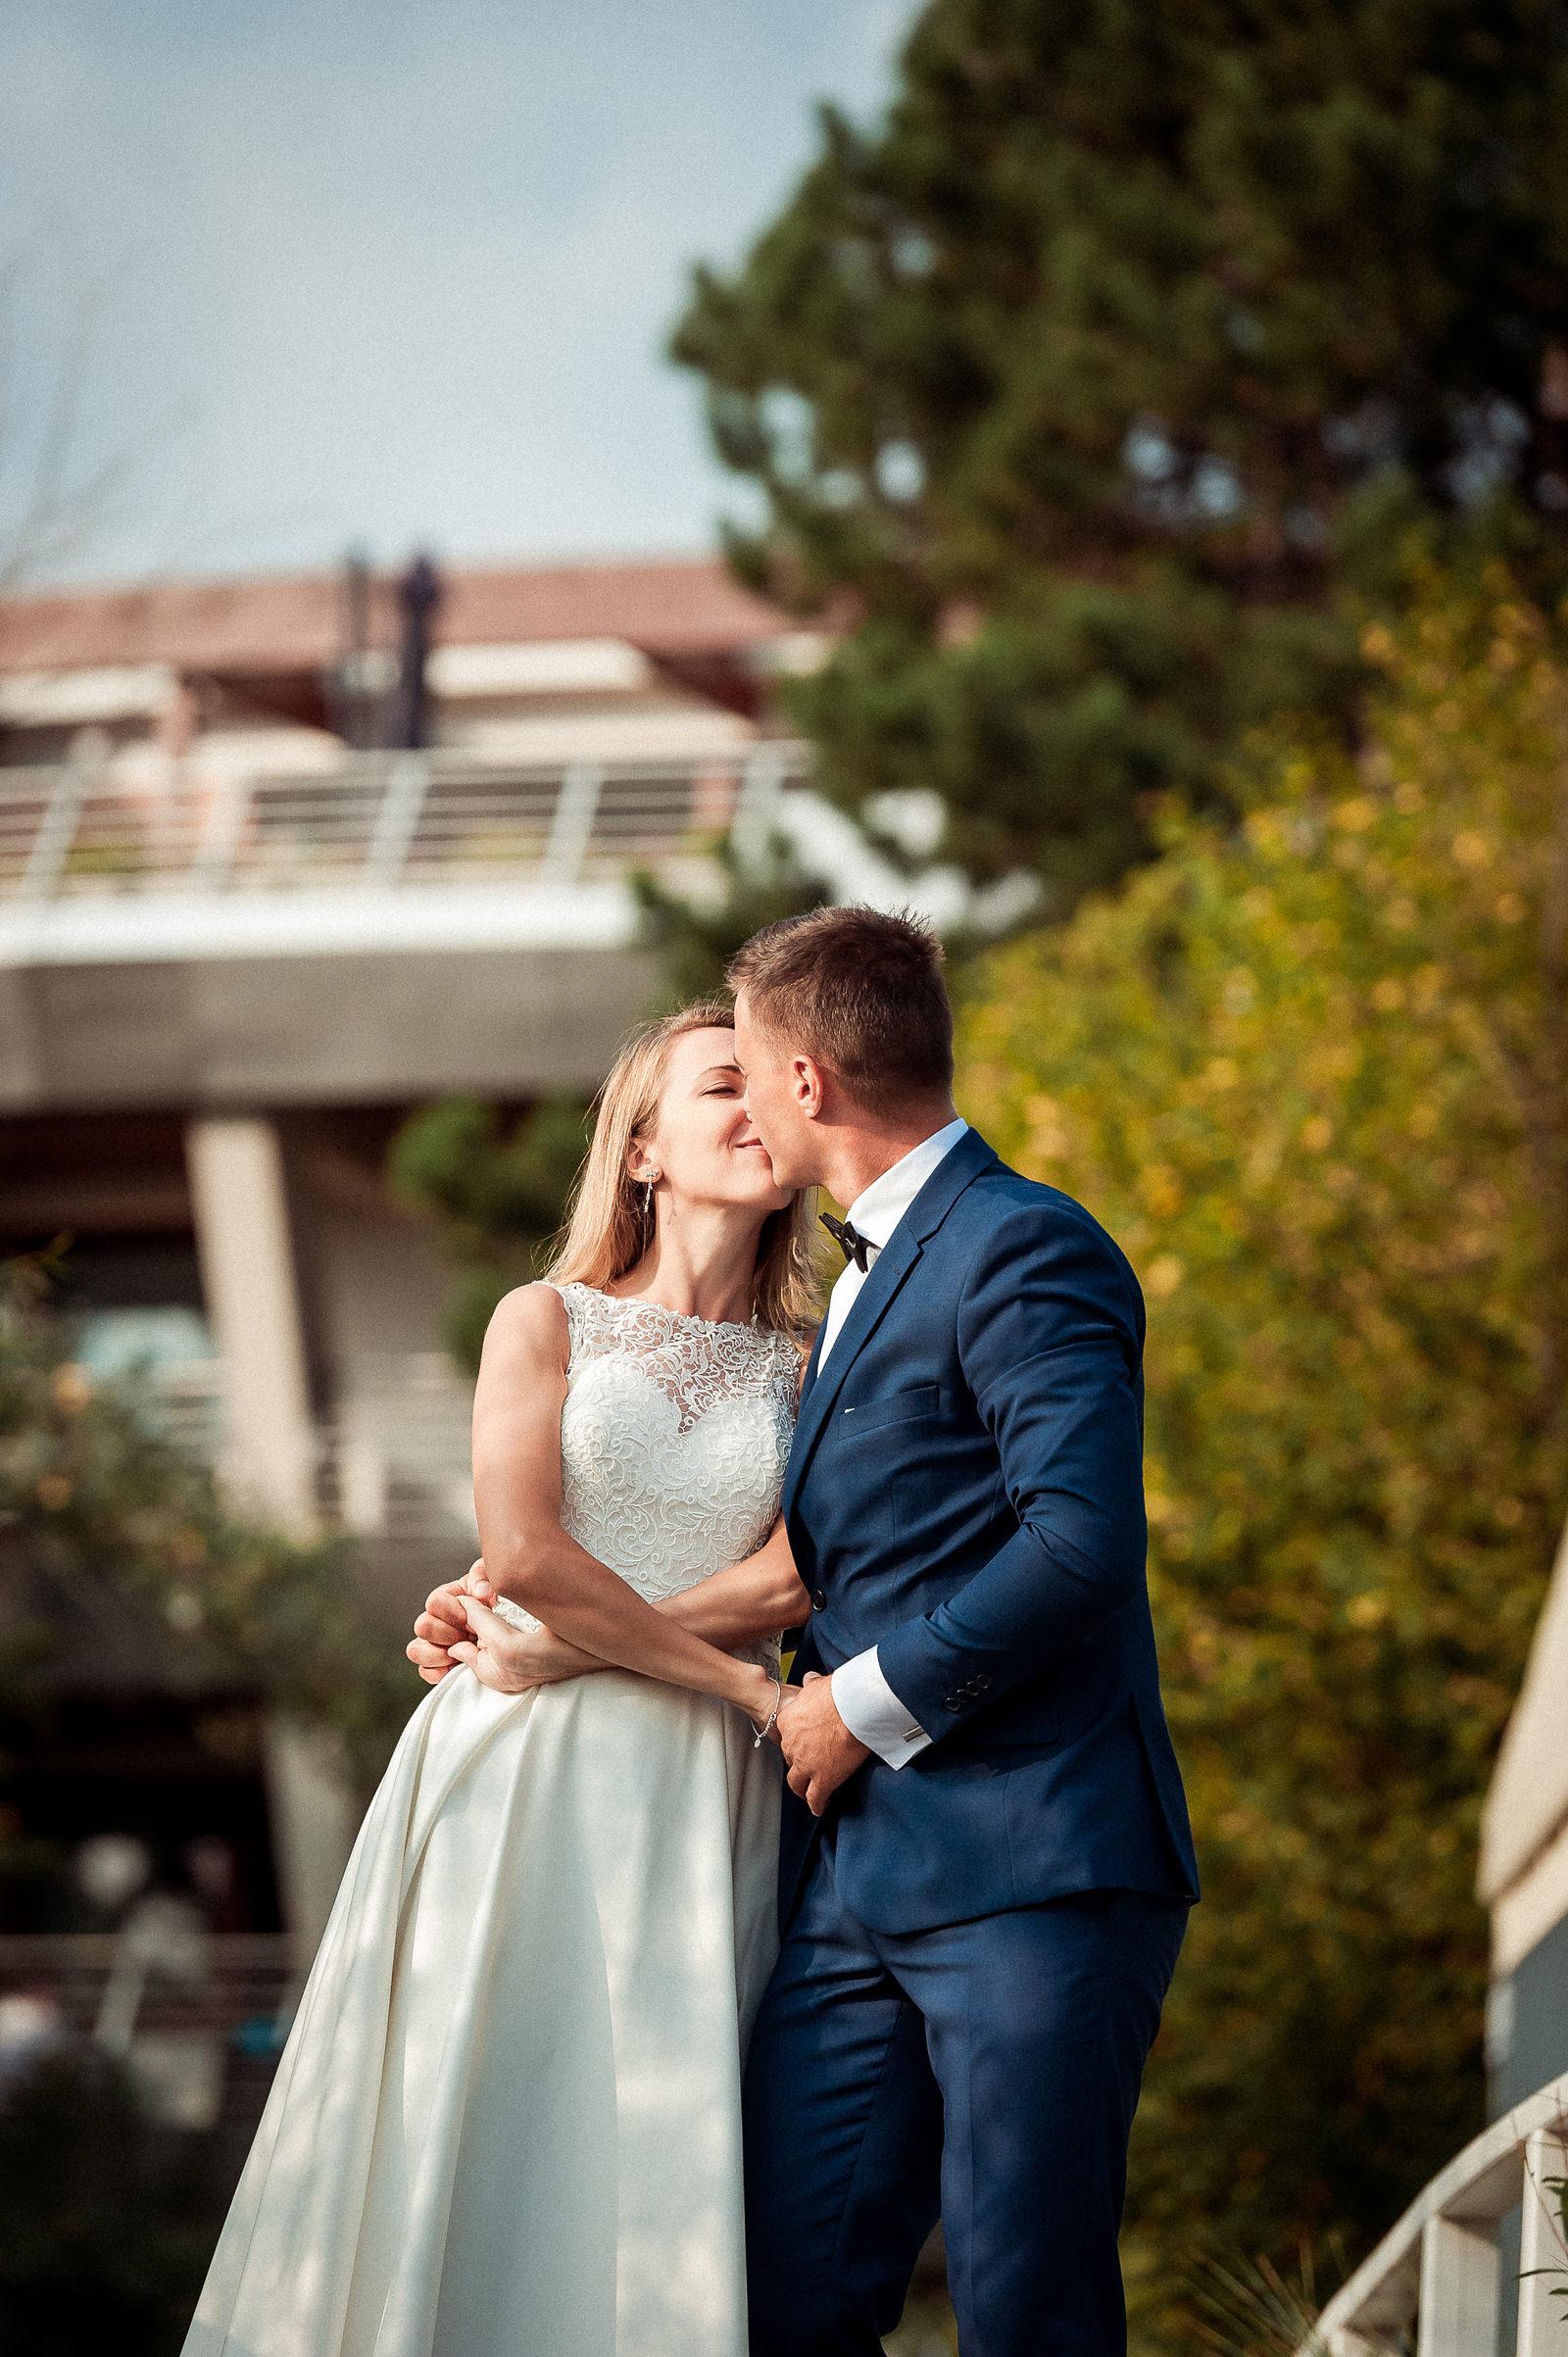 Czuły pocałunek Pary Młodej na tle hotelu Dom Zdrojowy w Jastarni